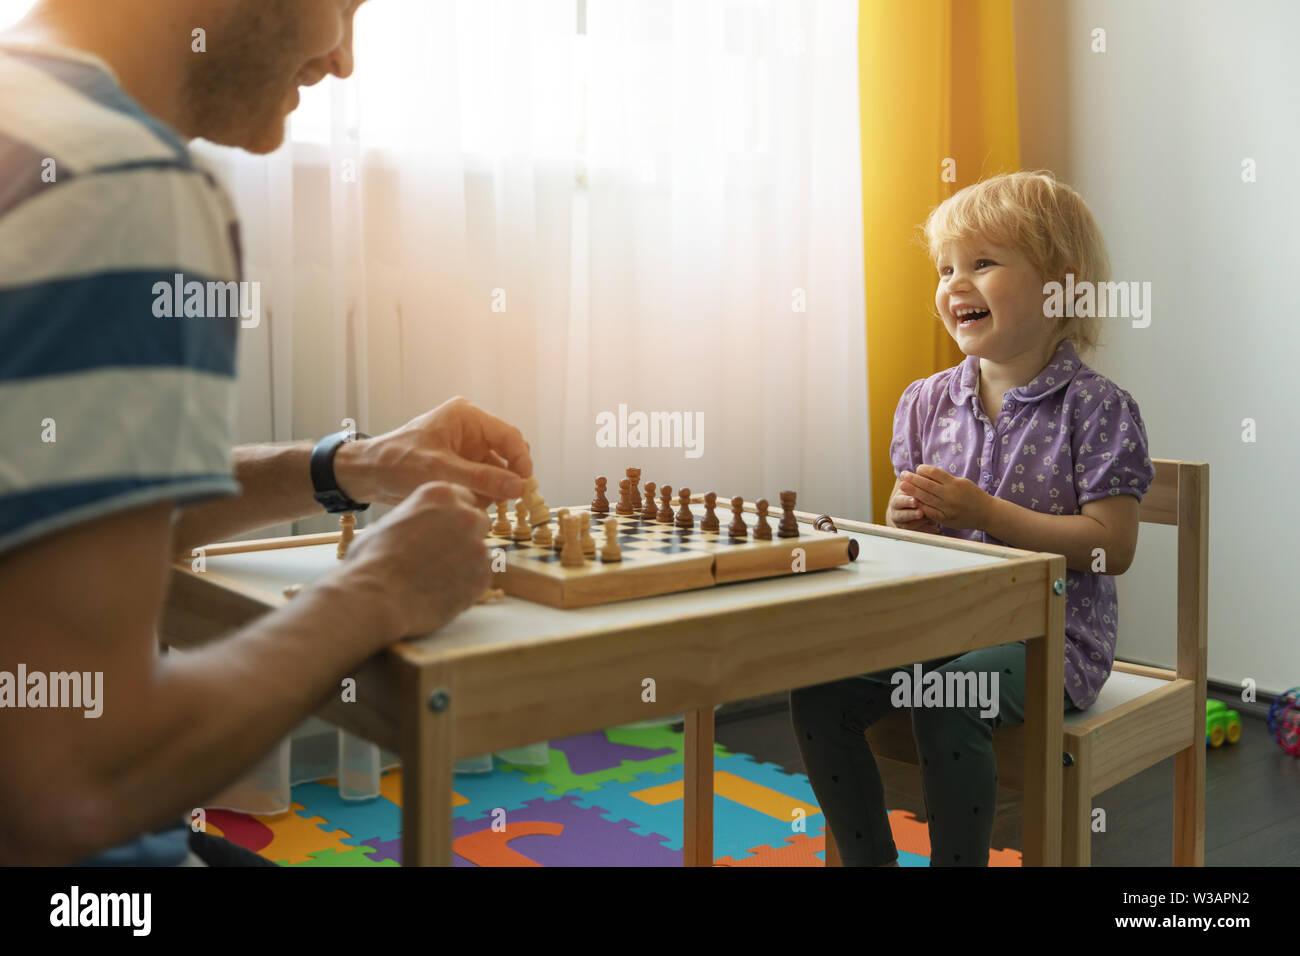 Père et fille de s'amuser ensemble apprendre à jouer aux échecs à la maison Banque D'Images